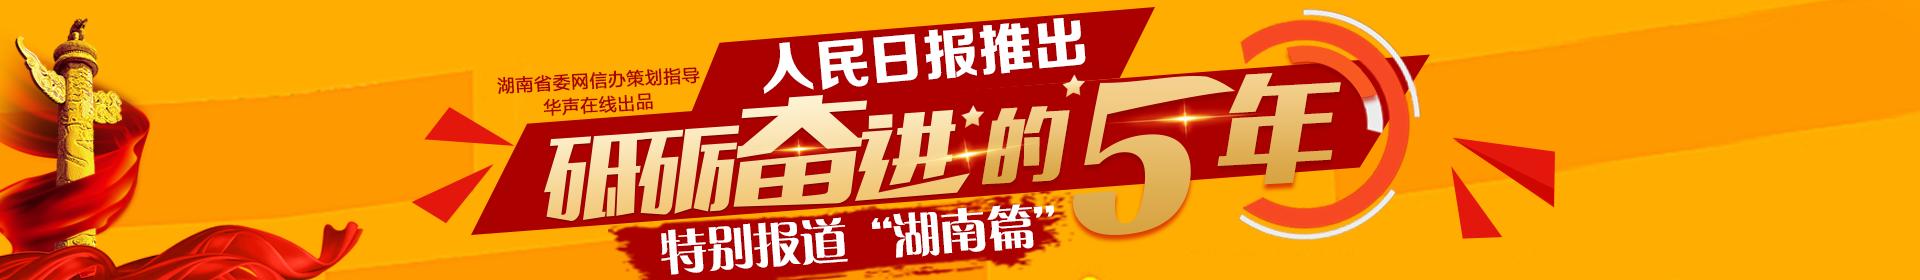 """人民日报推出""""砥砺奋进的五年""""特别报道""""湖南篇"""""""